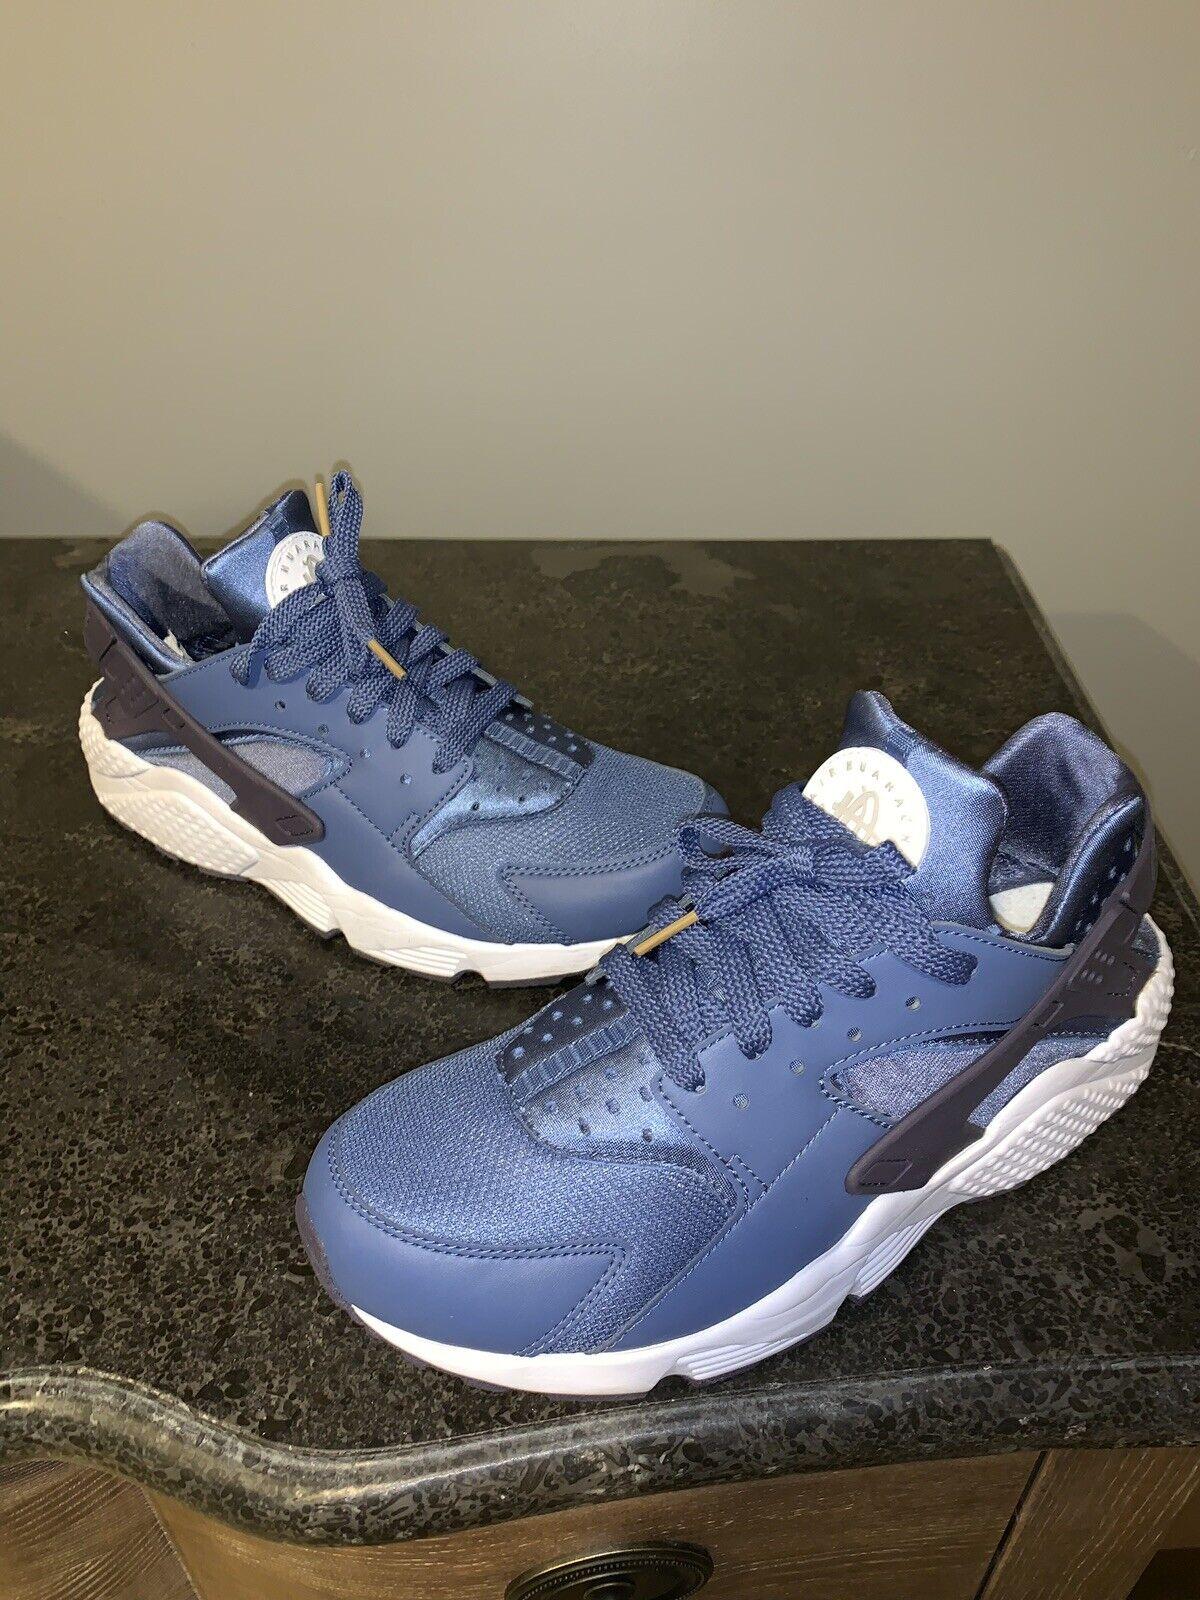 timeless design 96165 ec418 Nike Air Air Air Huarache Athletic 318429 414 bluee Moon Size 9.5 WORN  TWICE a1f43c